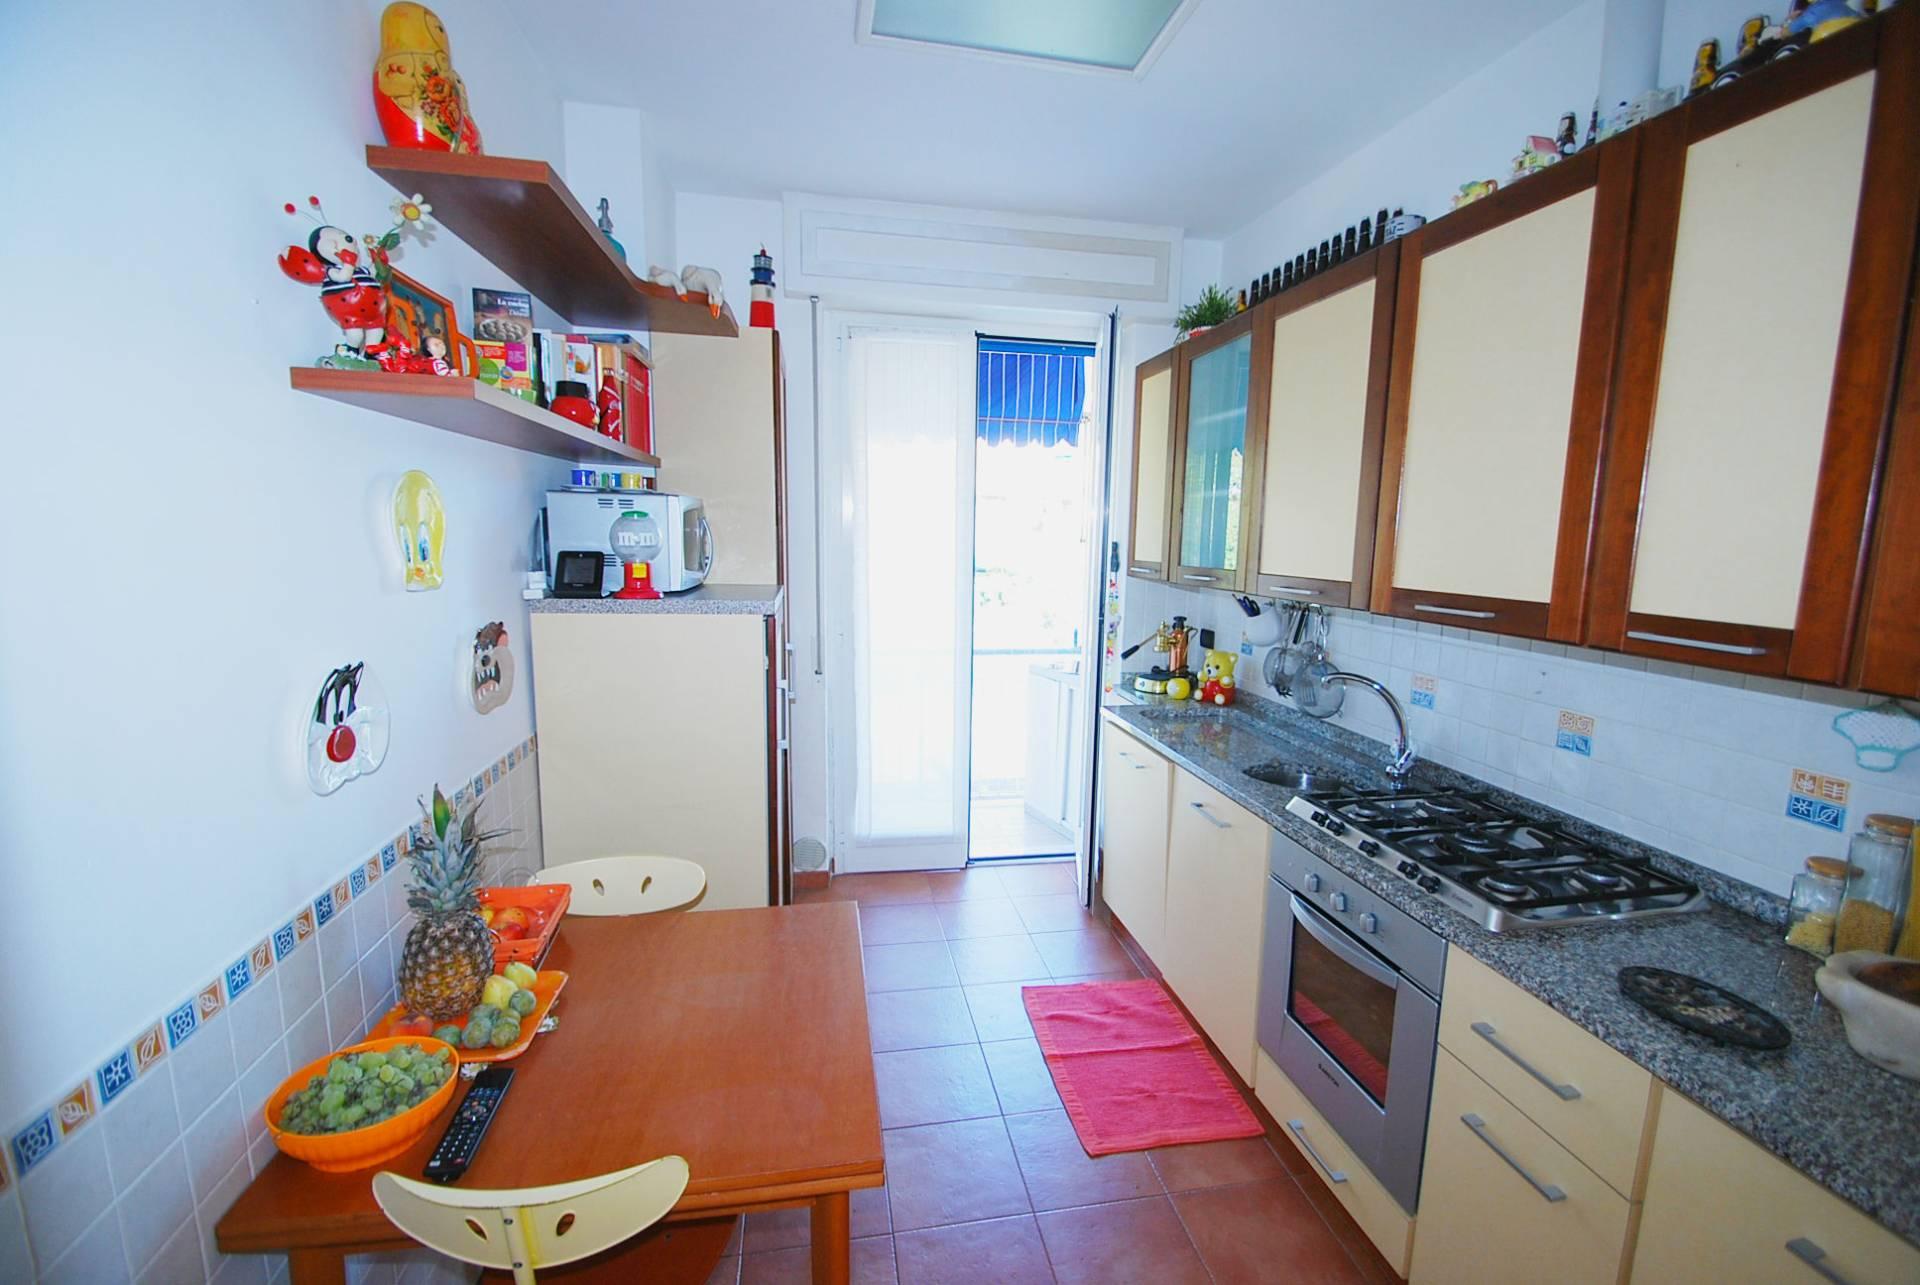 Appartamento in vendita a genova cod via delle acacie for Bel soggiorno genova